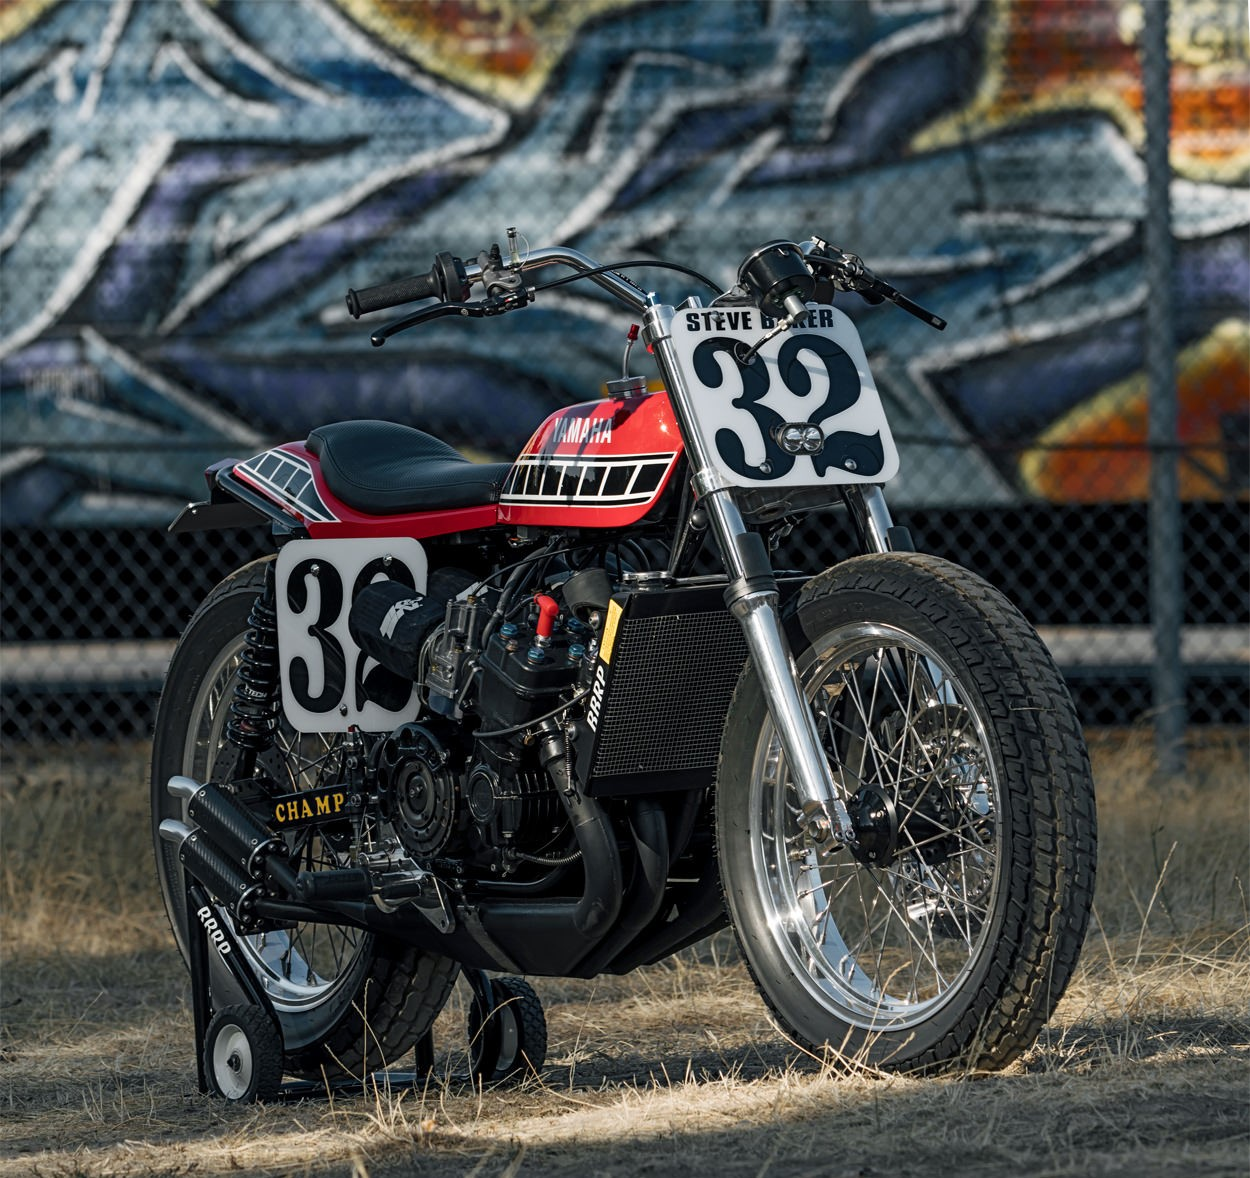 Xe Yamaha TZ750 sẽ làm cho bạn rất hào hứng và phấn khởi!